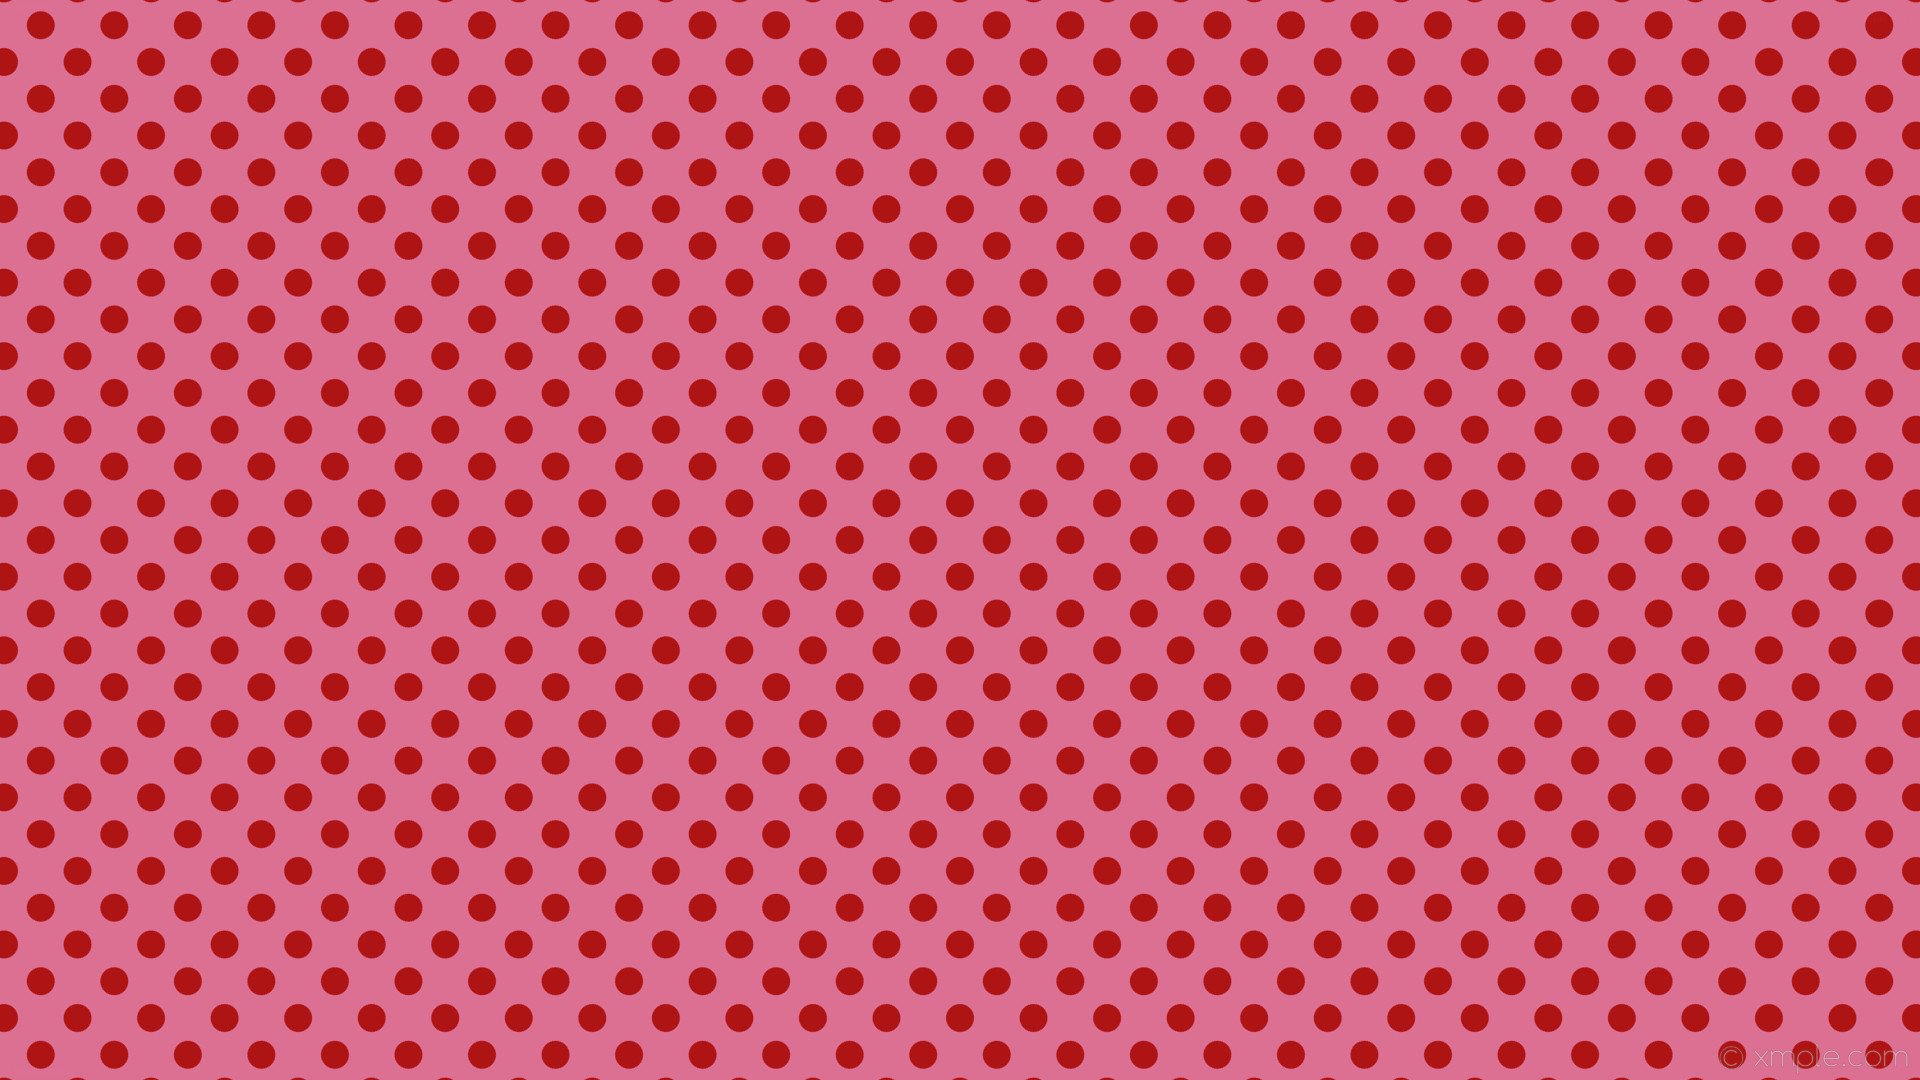 wallpaper polka red spots pink dots pale violet red #db7093 #af1414 225°  28px